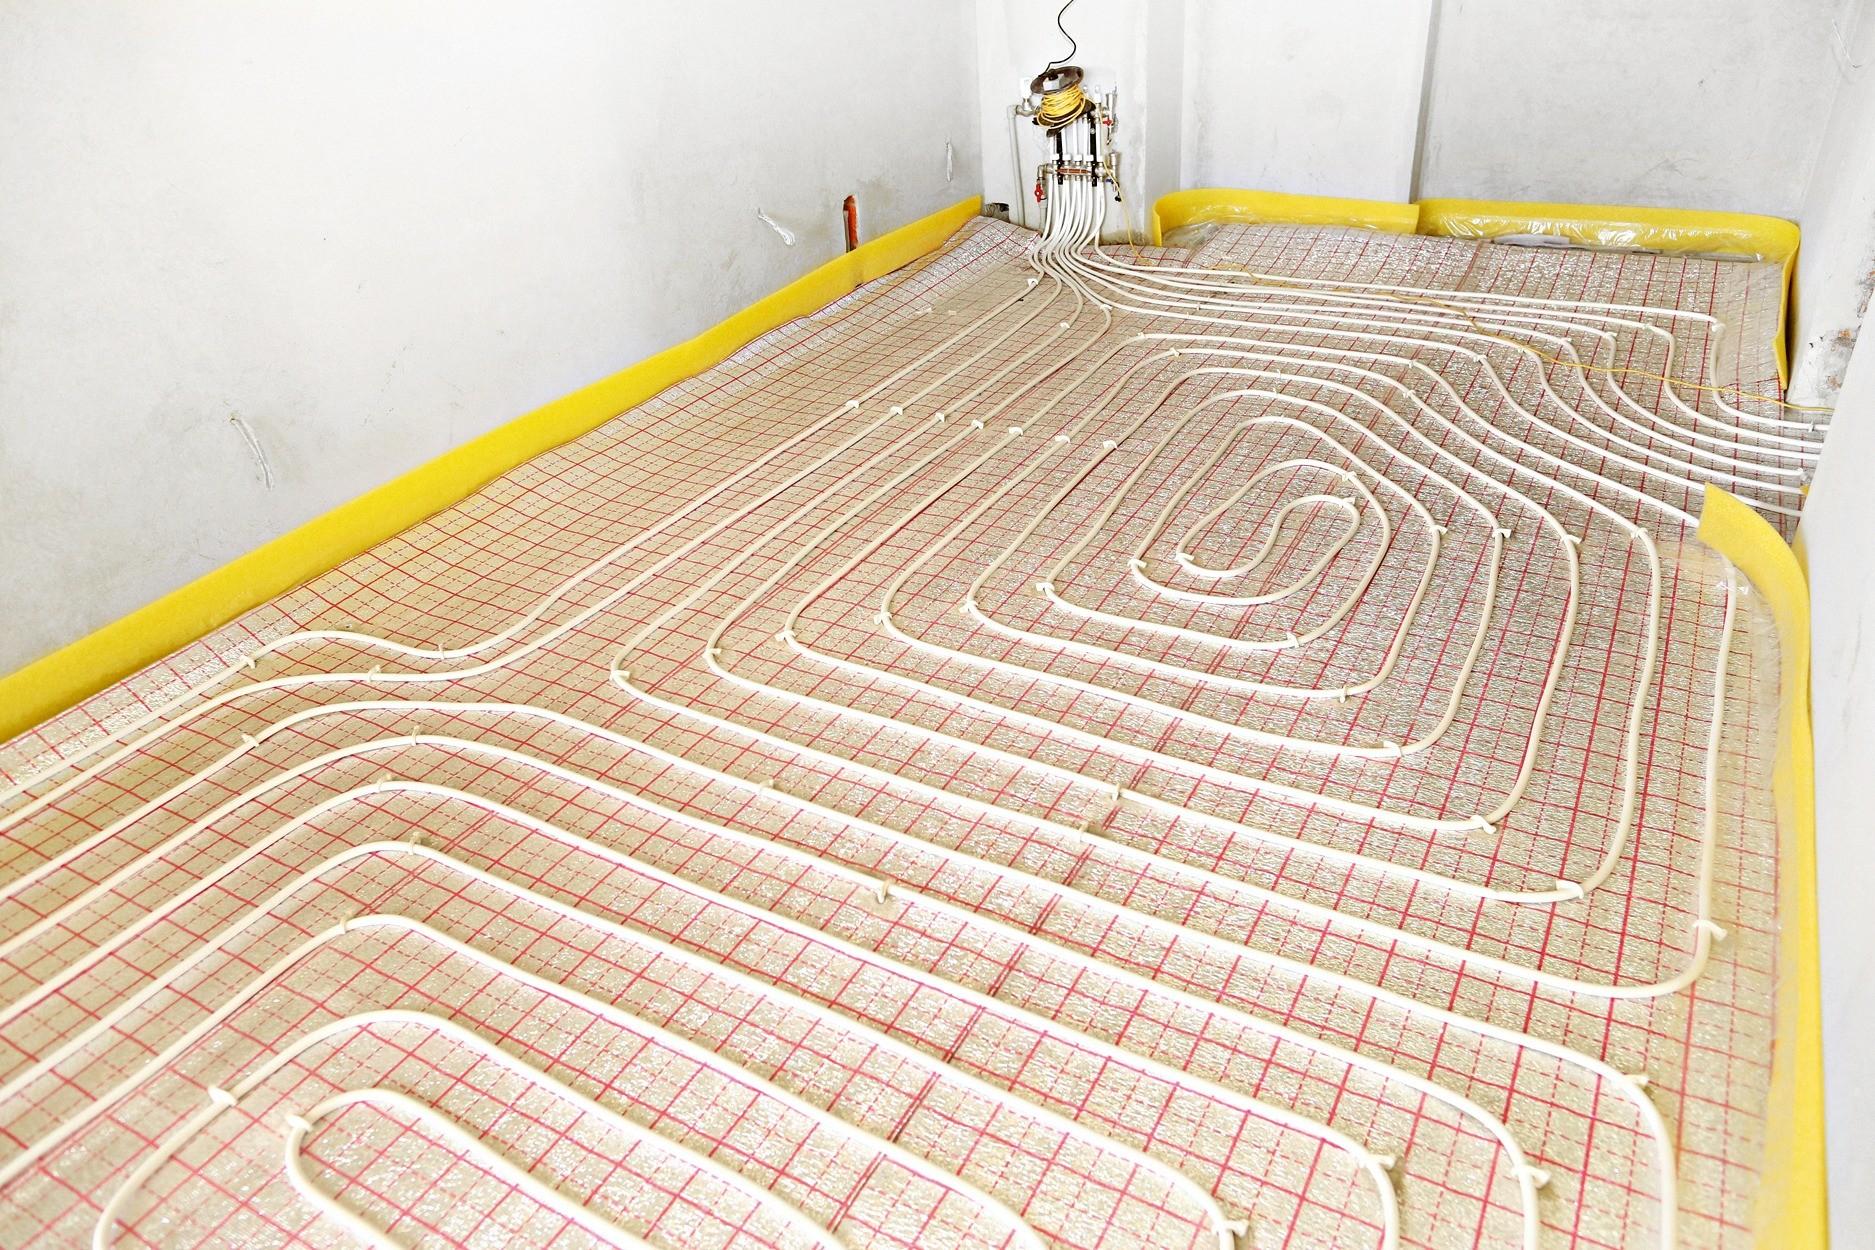 Крепление на арматурной сетке требует от строителей большей аккуратности